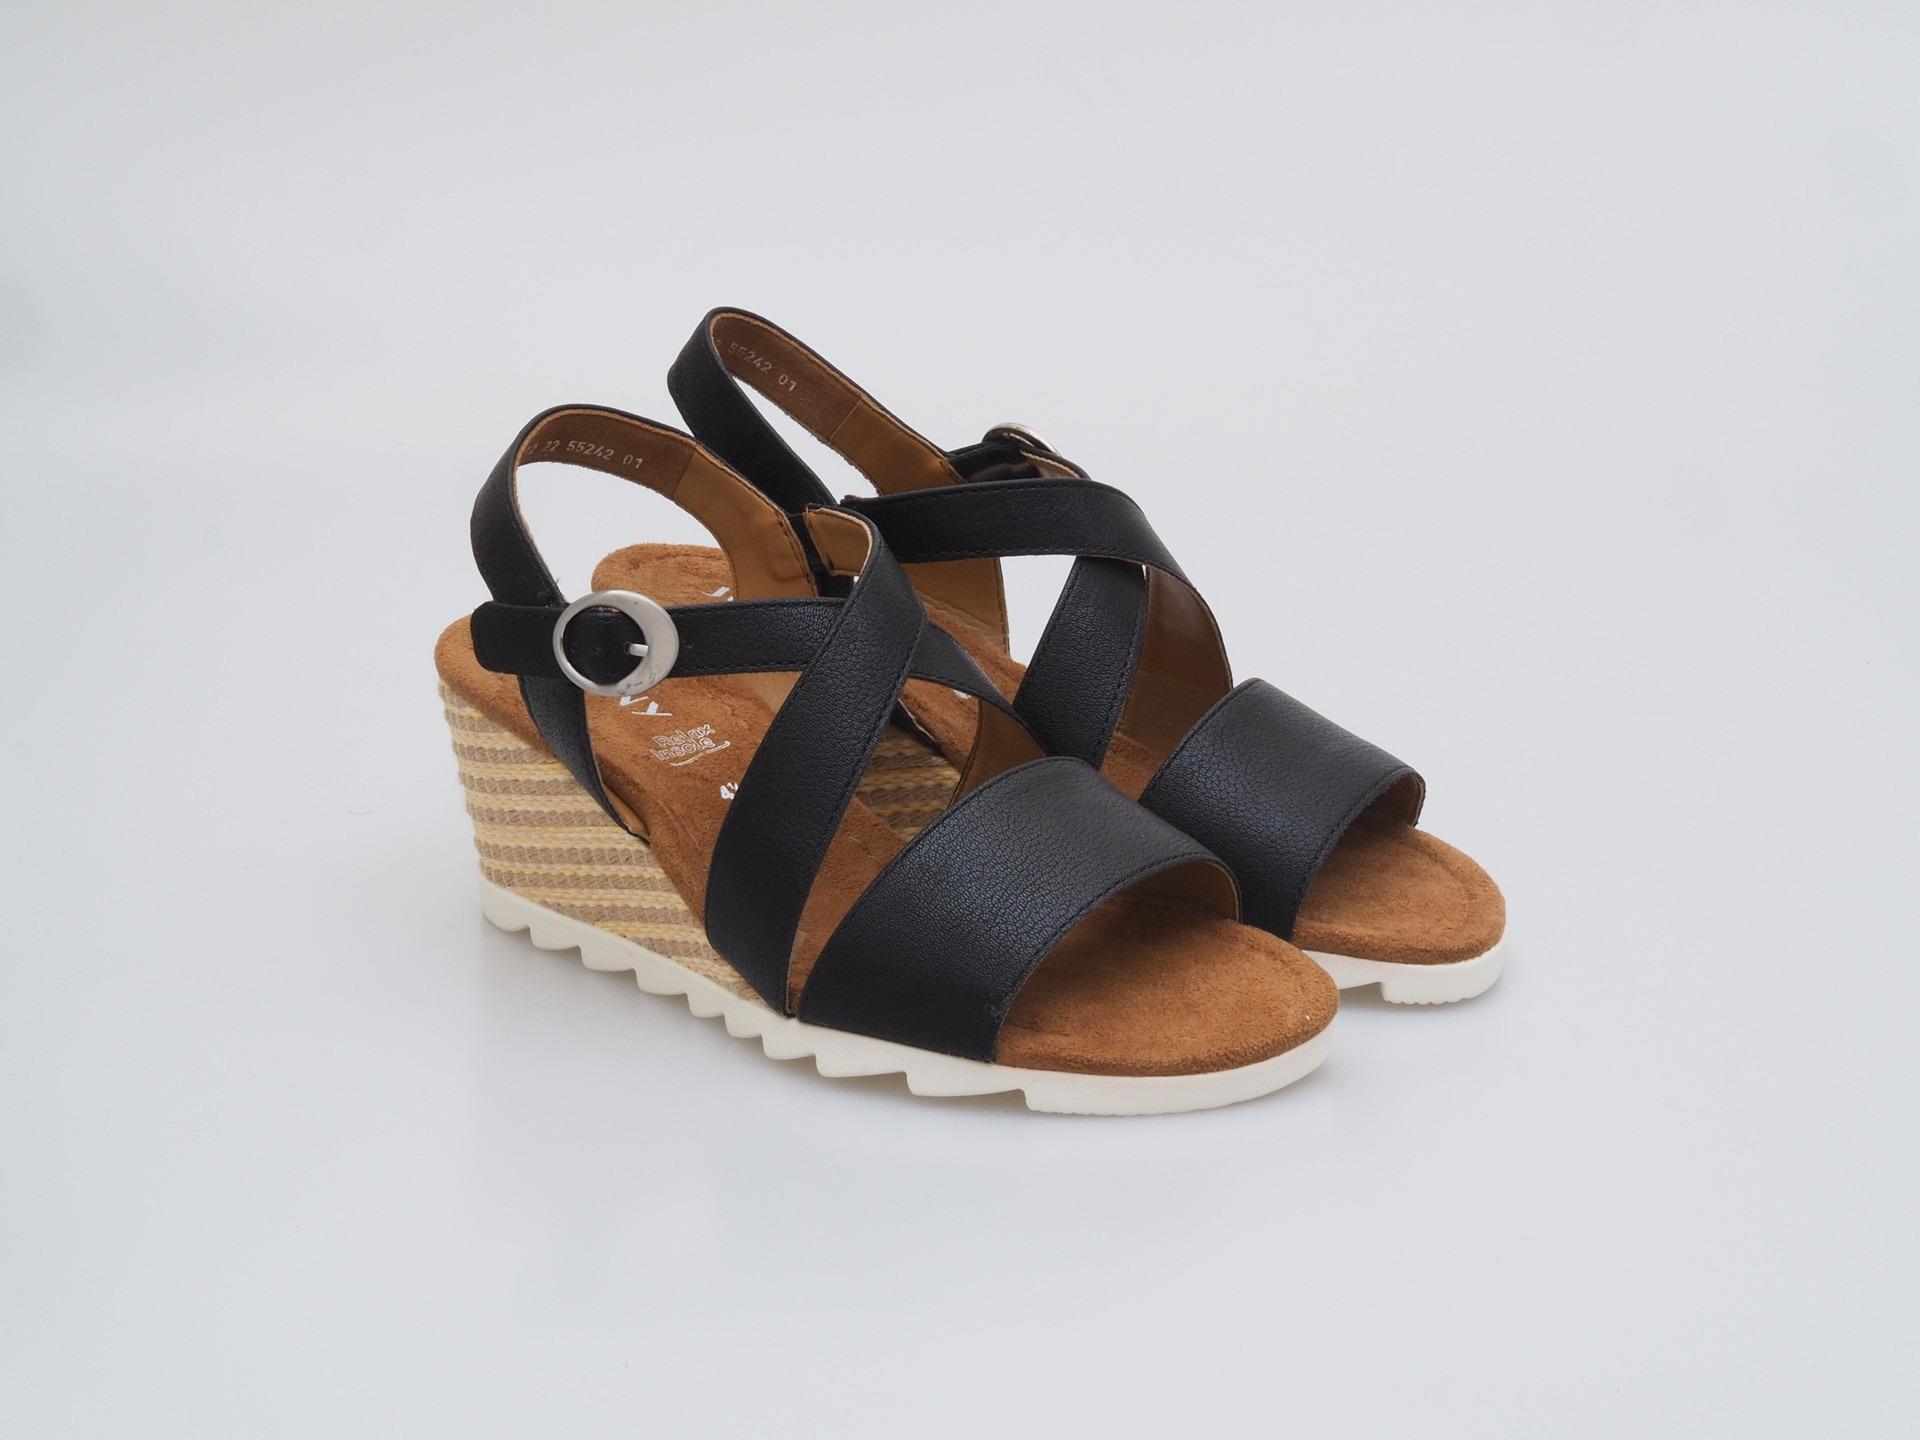 4d960d8e5386 ARA - Sandále - Dámska otvorená sandála na klinovom podpätku čierna